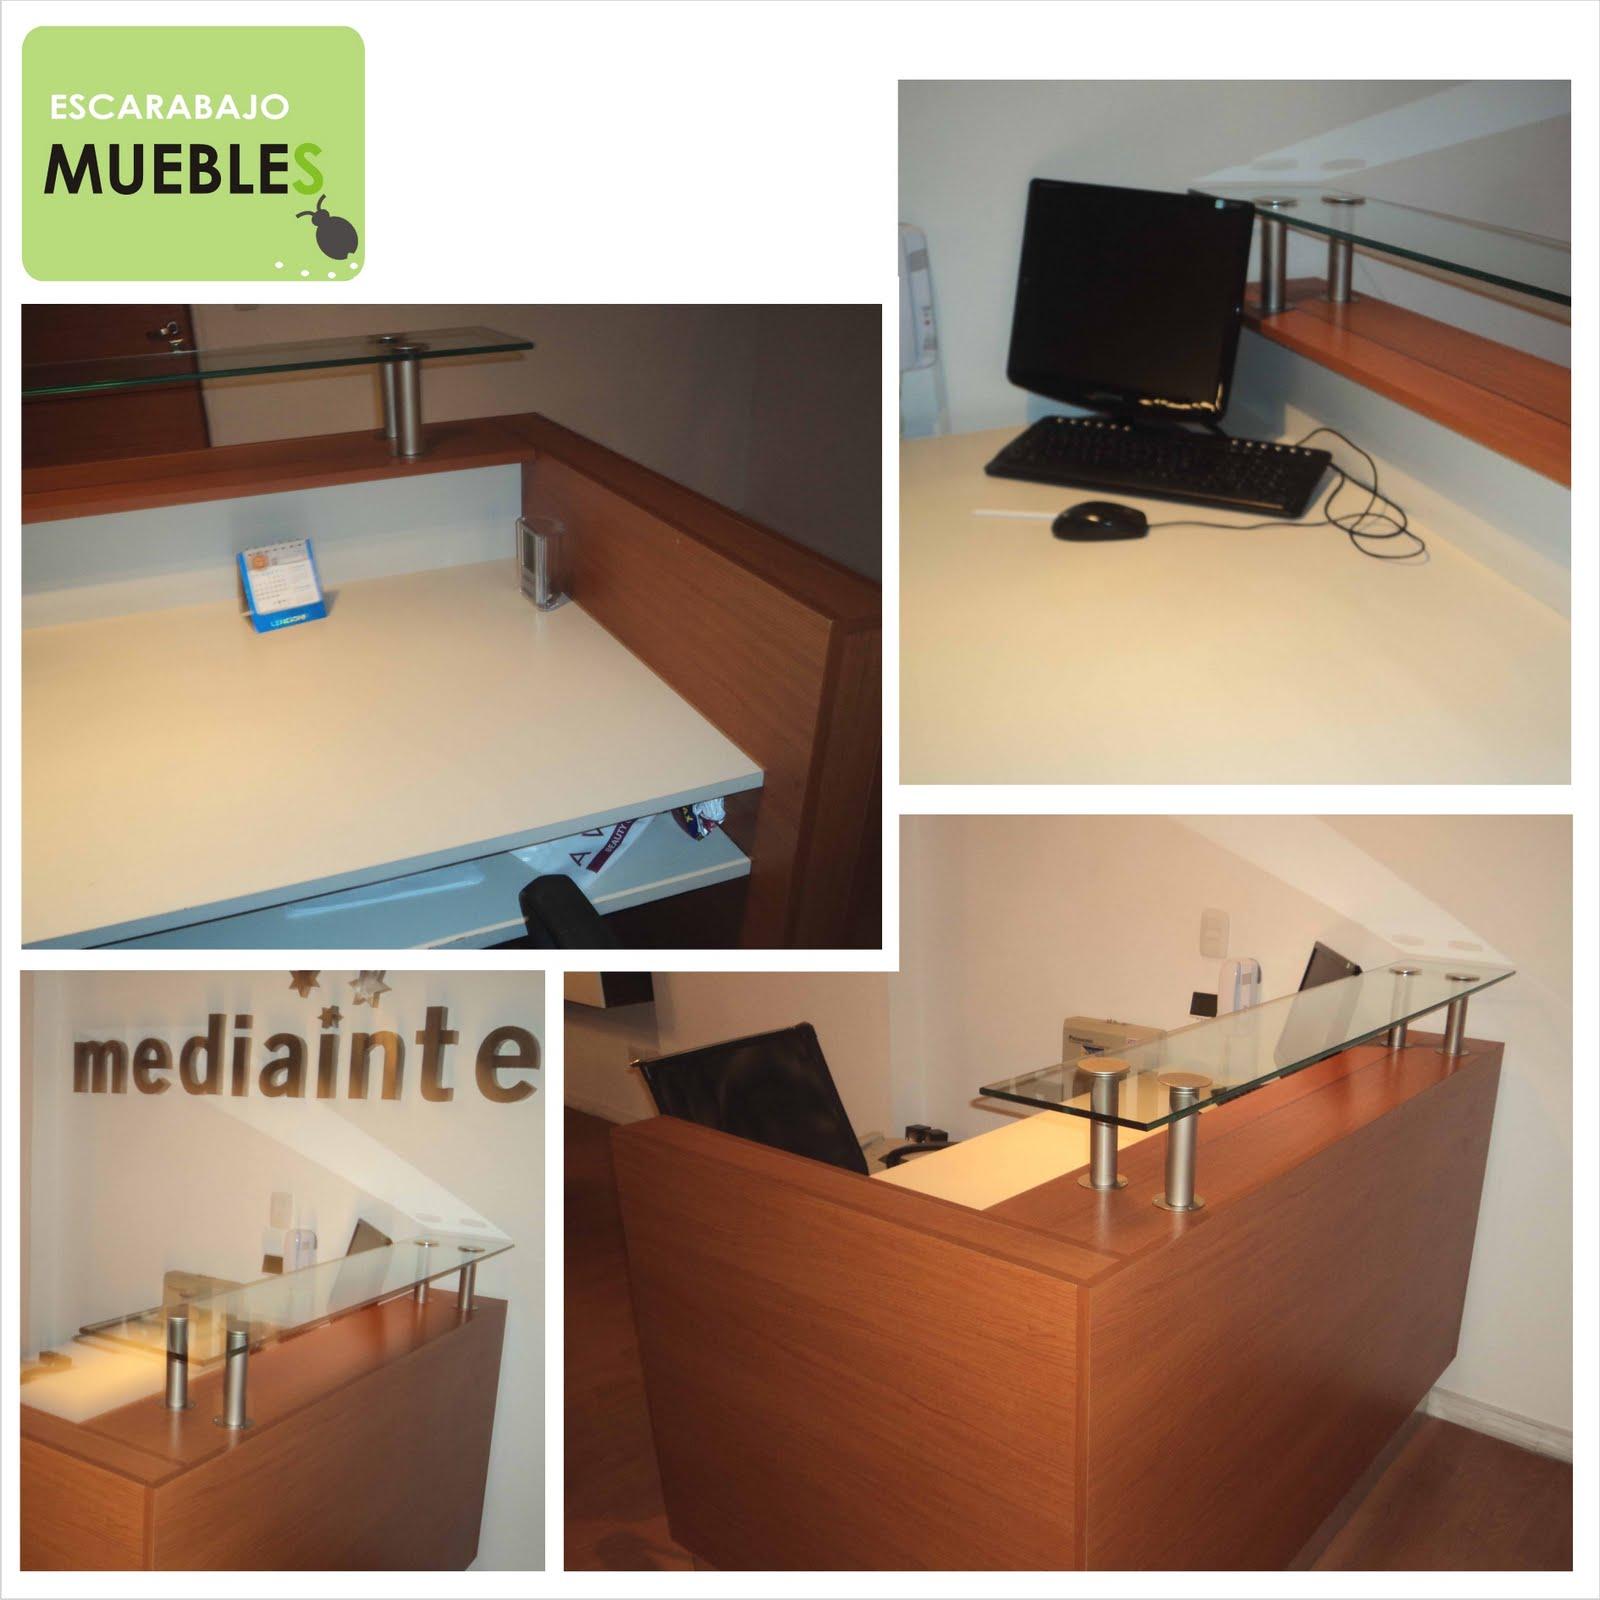 Muebles de recepci n escarabajo pop for Muebles de recepcion